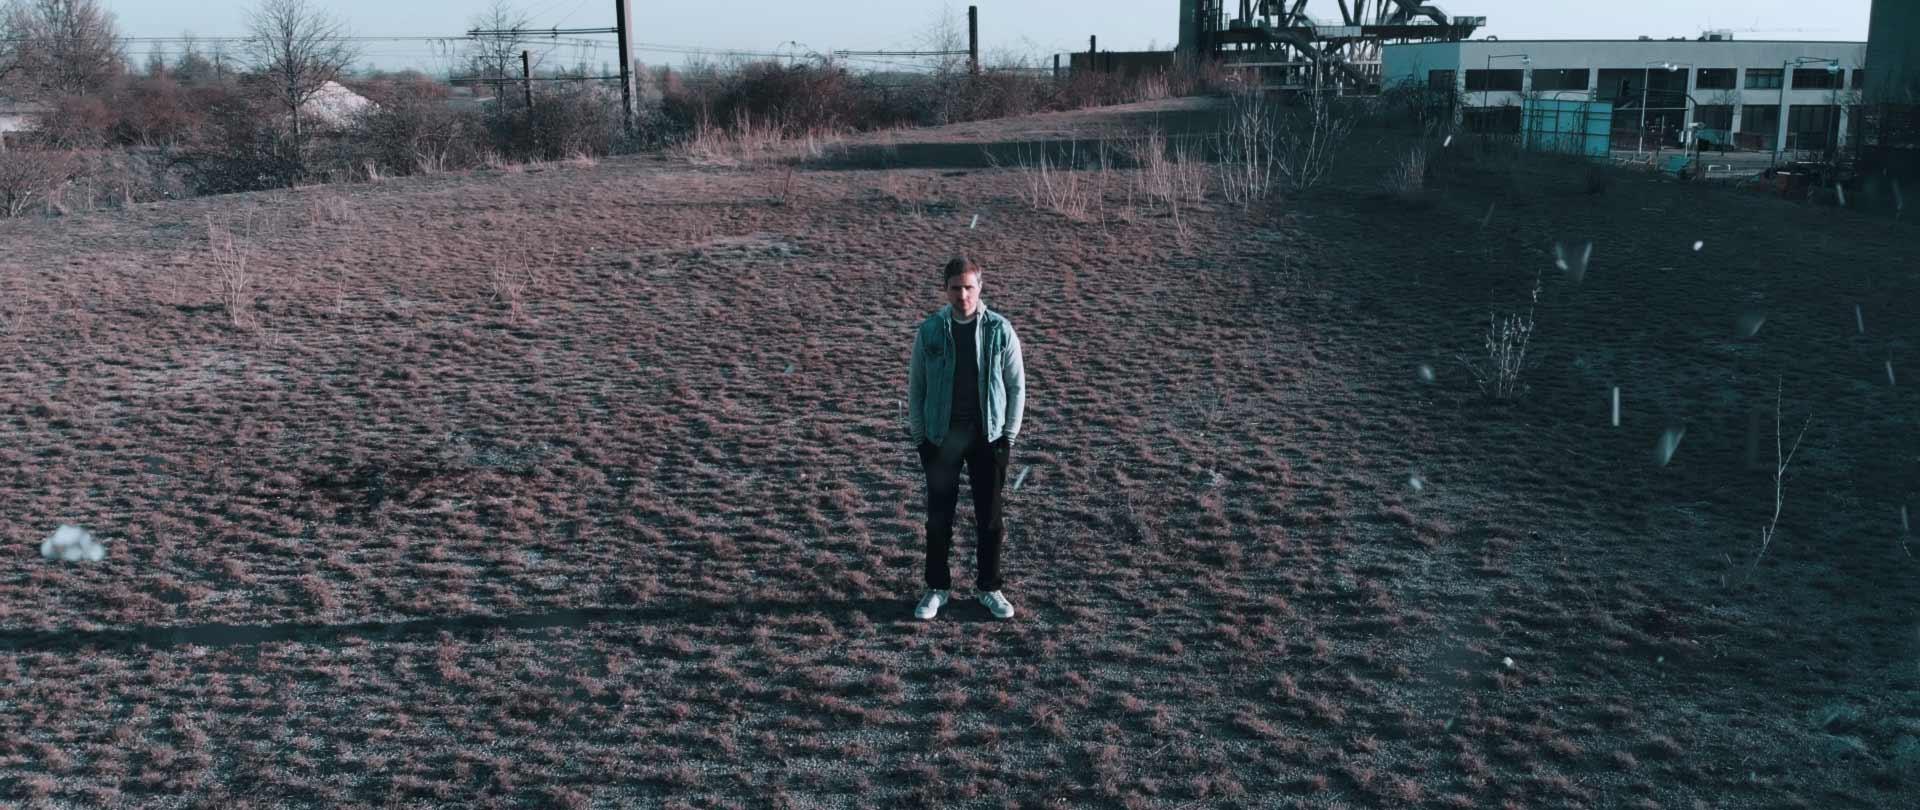 Blazin'Daniel---Totgeglaubt-(58)